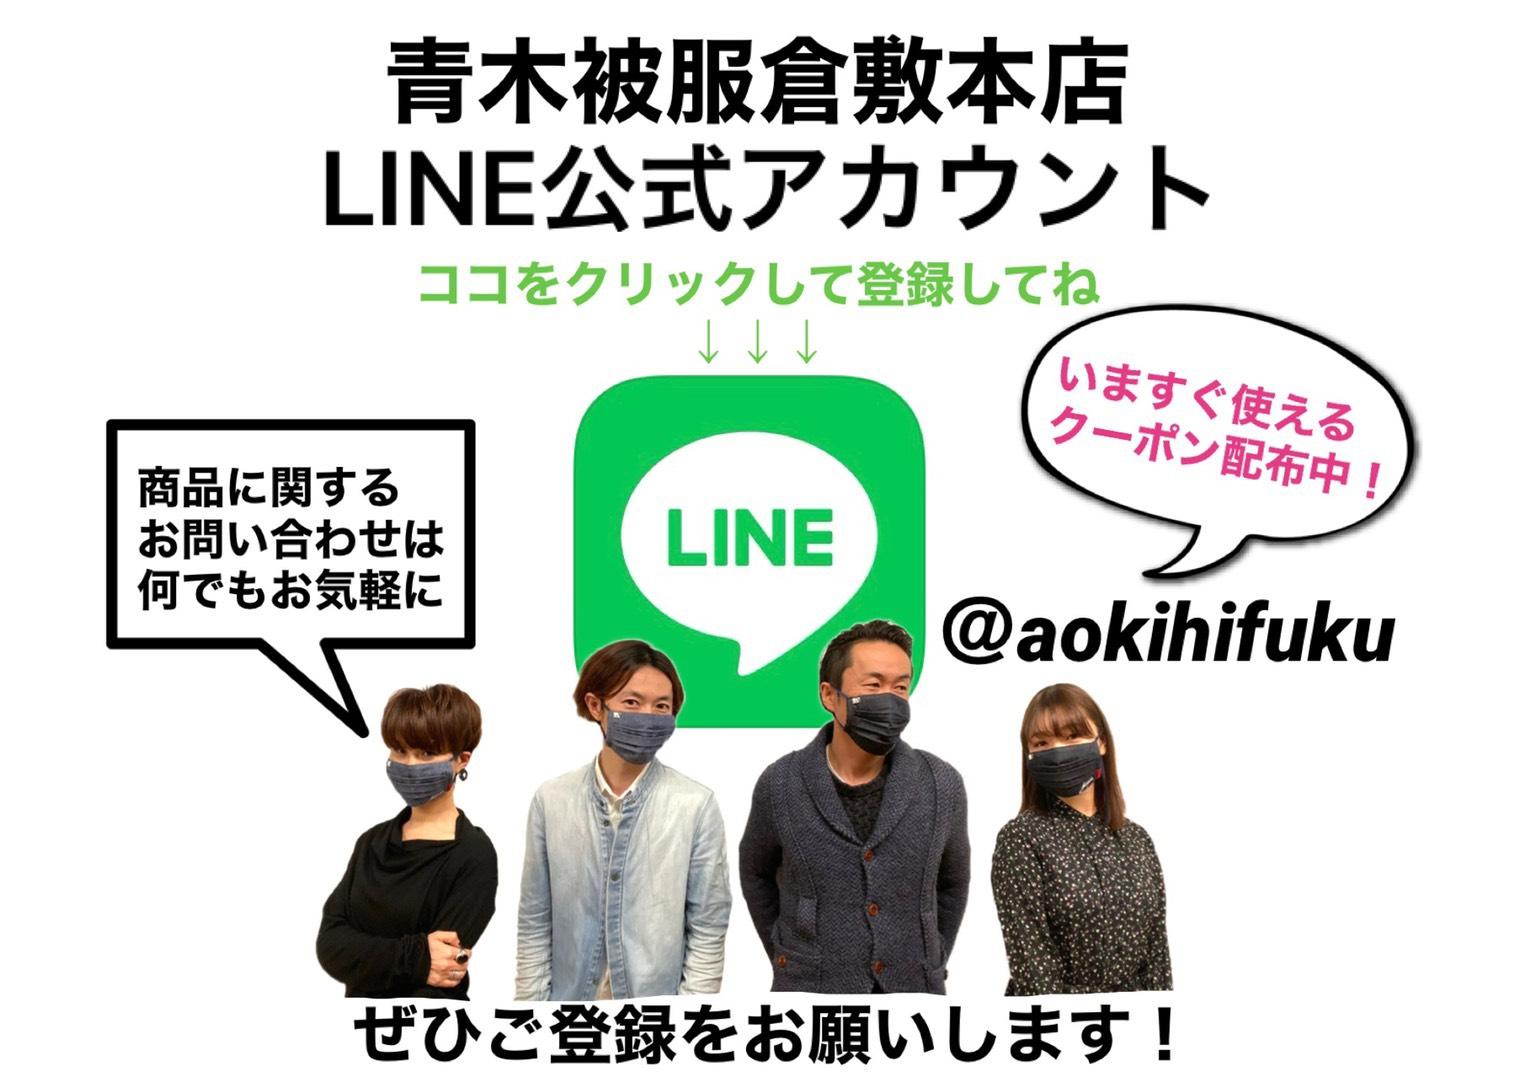 【青木被服】公式LINEアカウントが開設いたしました!